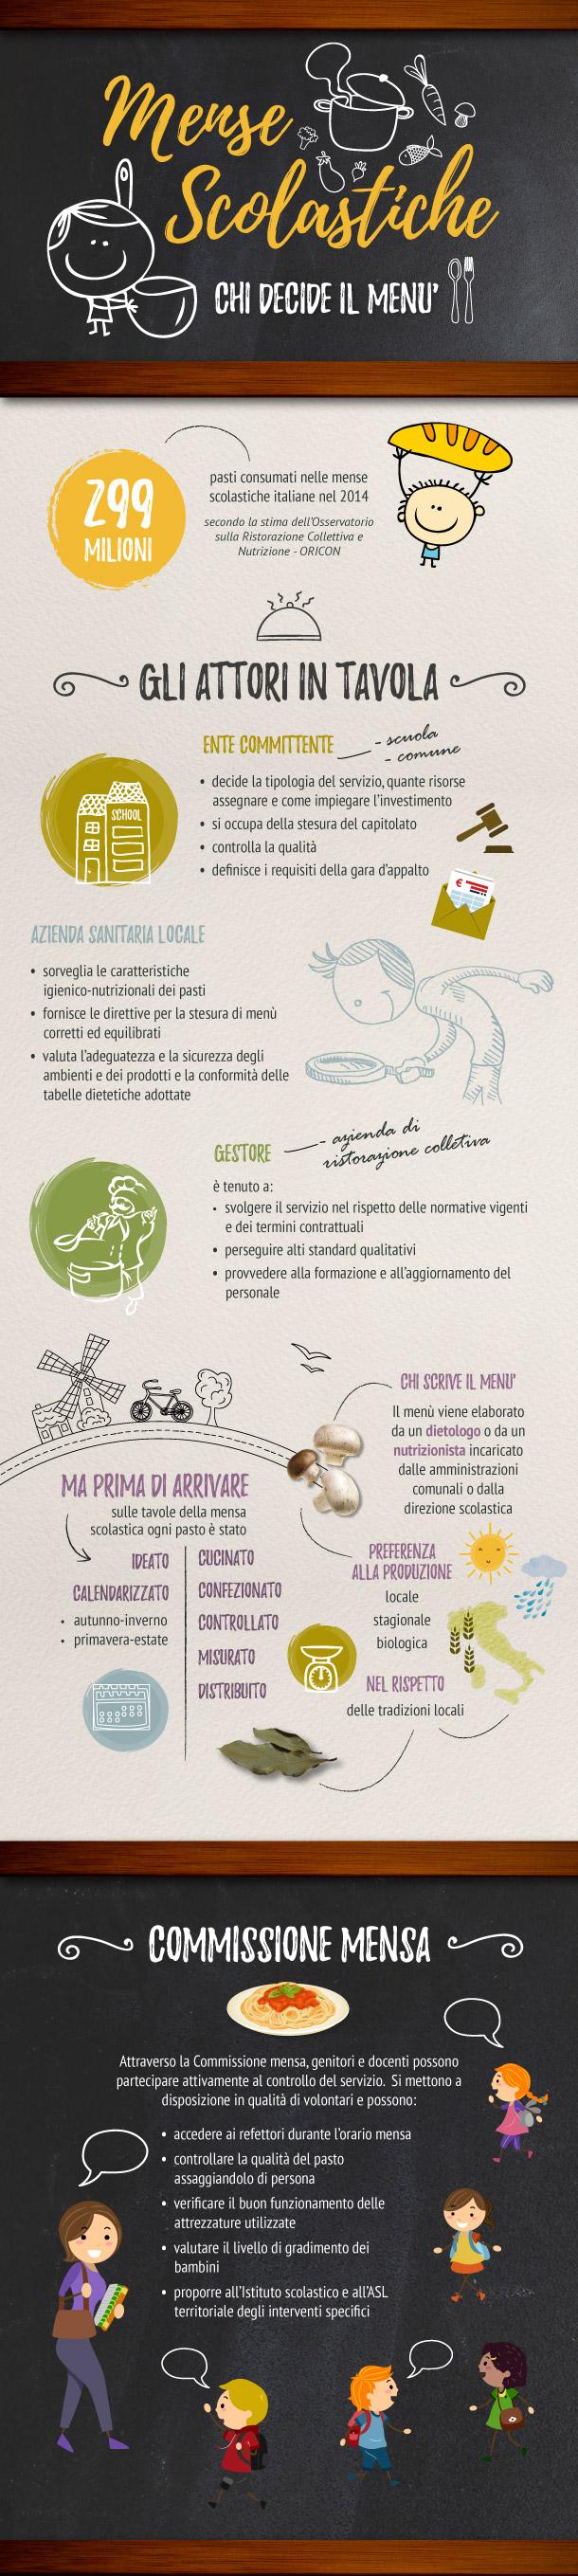 Infografica chi decide il menù delle mense scolastiche